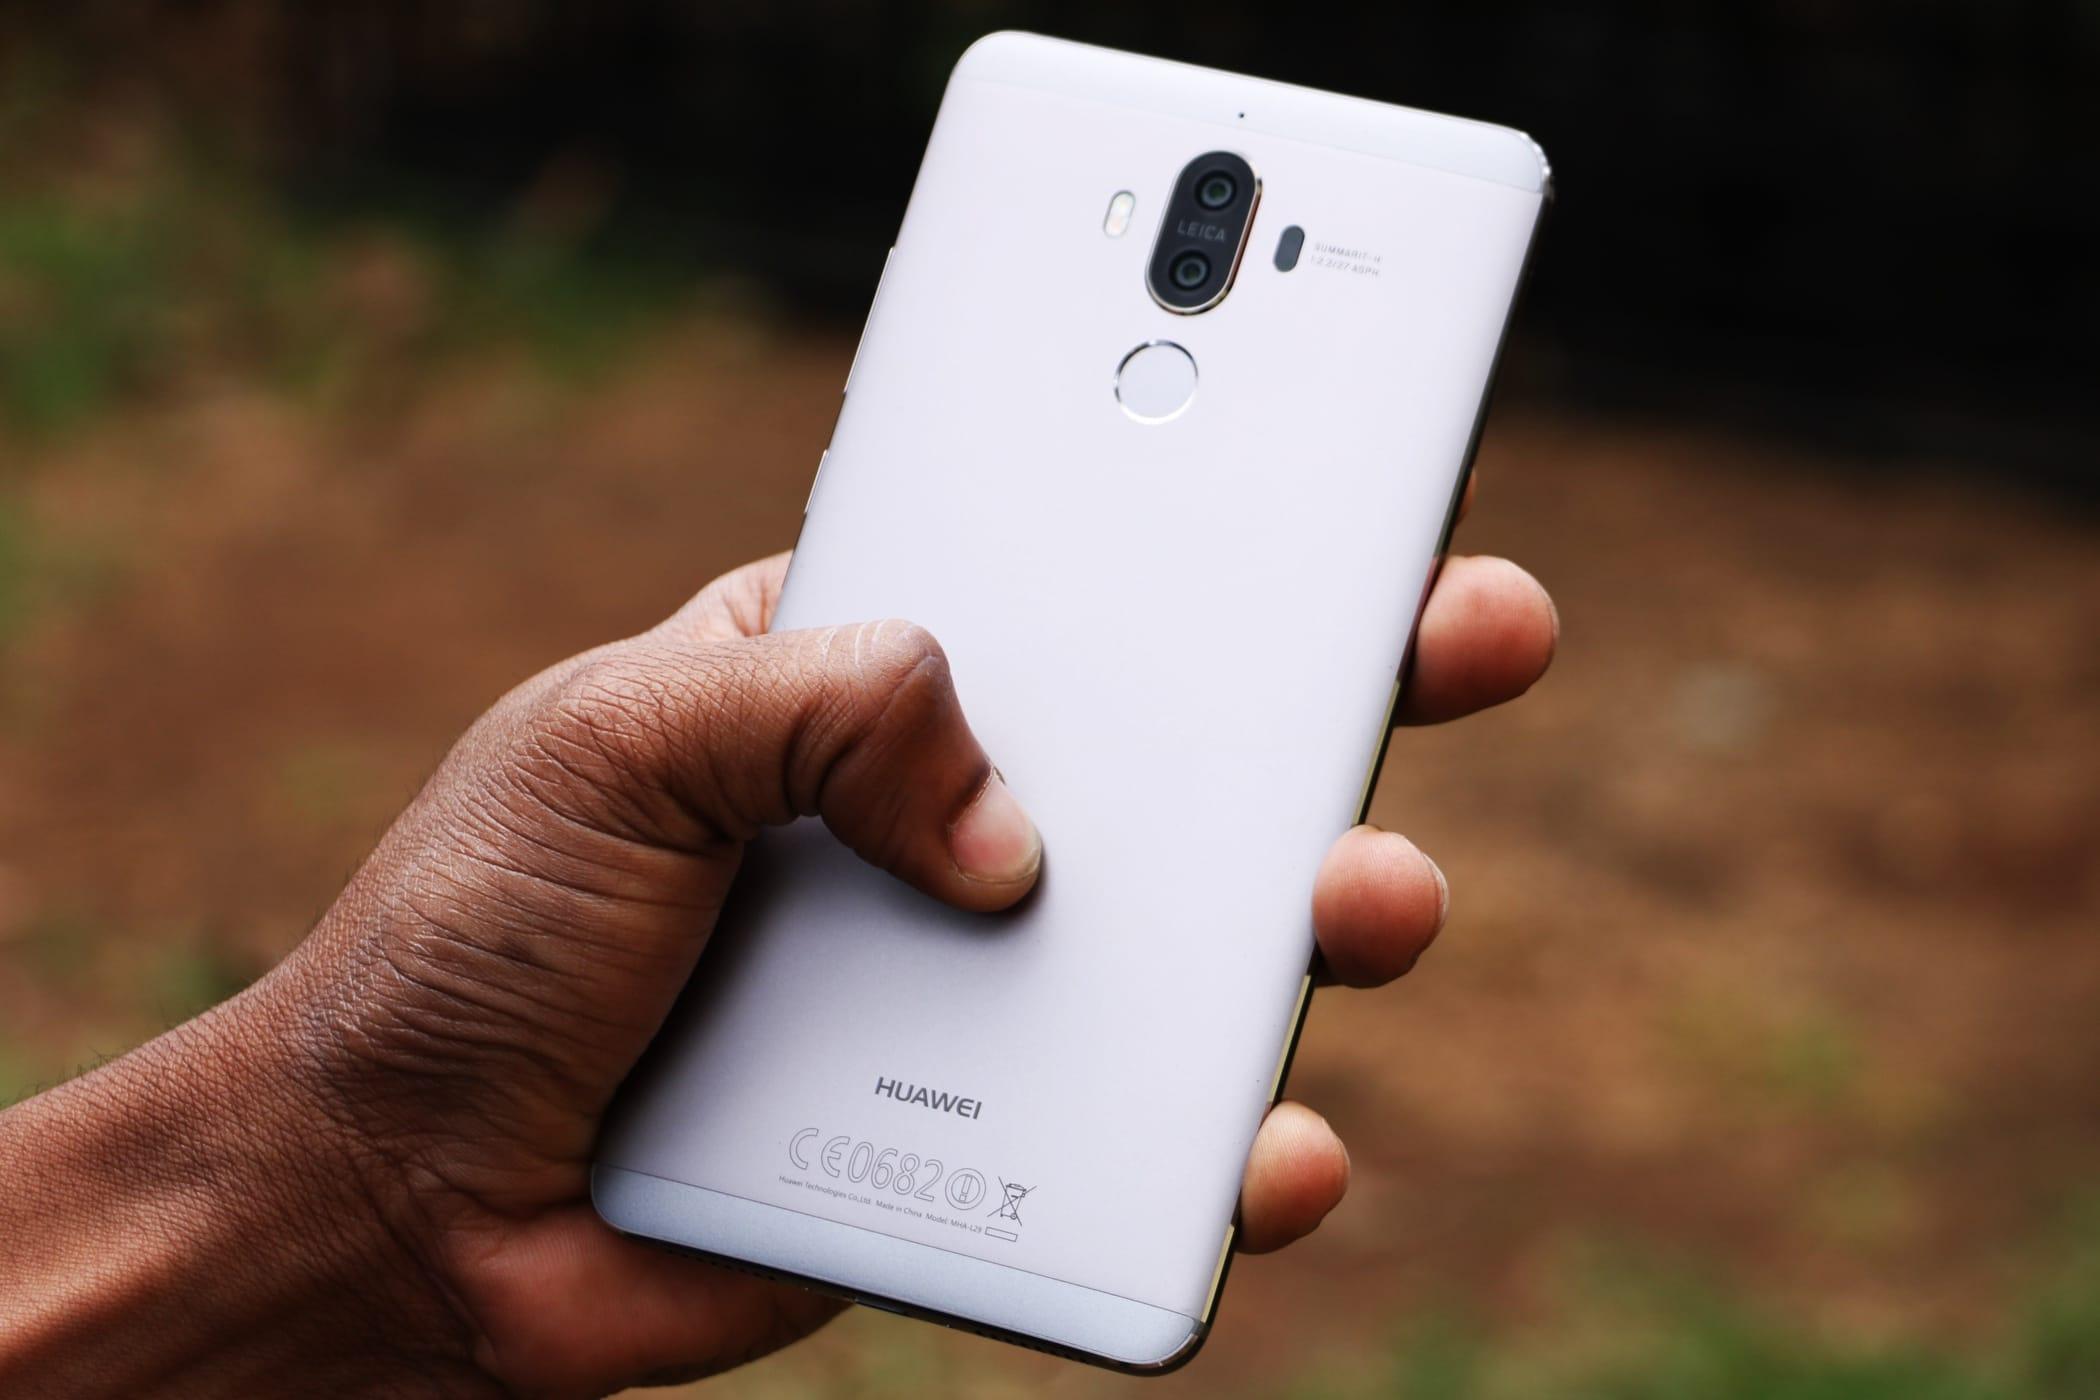 Размещены новые живые фото телефона Huawei Mate 10 Pro